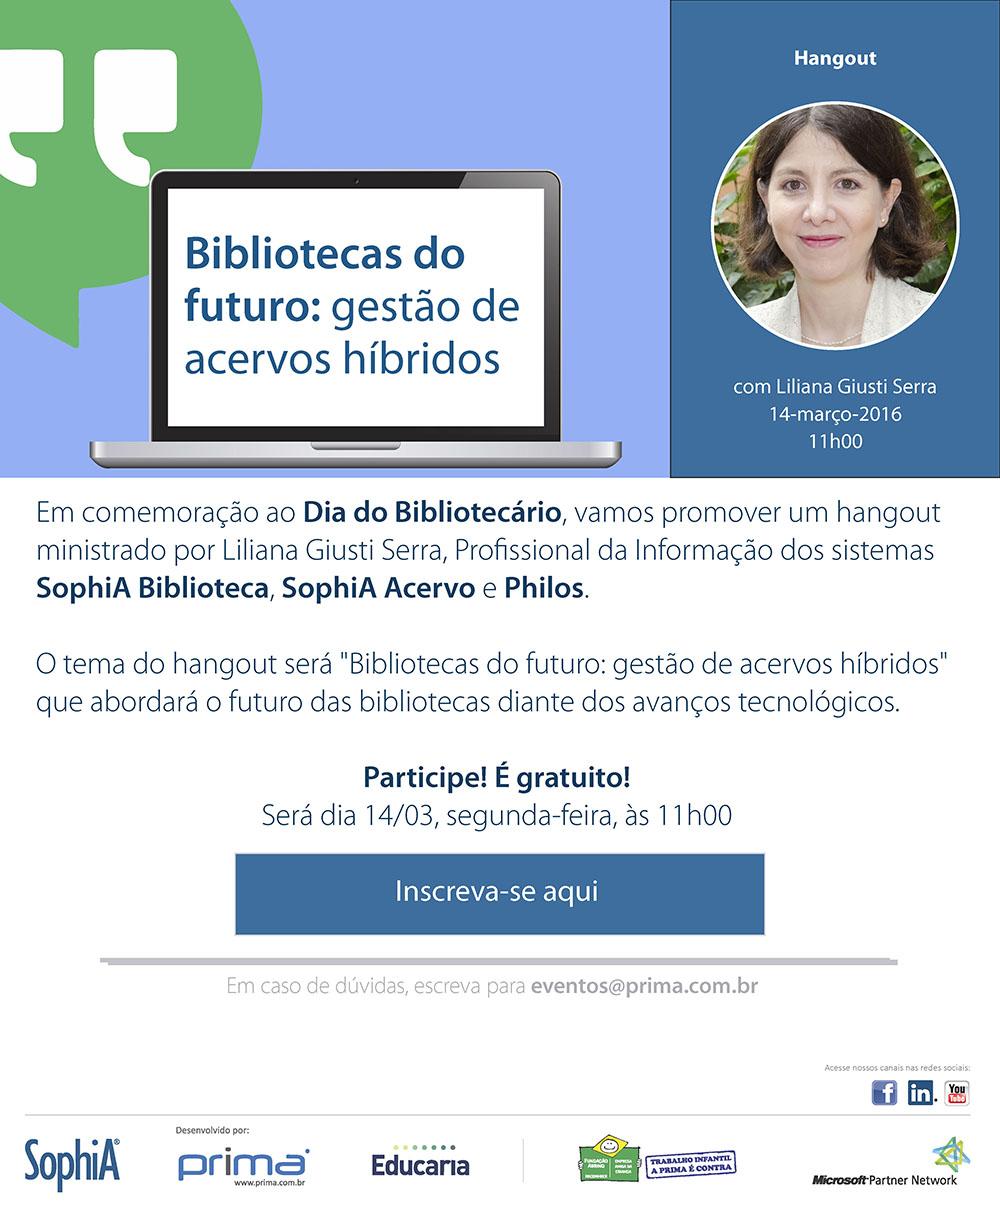 Hangout Bibliotecas do futuro gestão de acervos híbridos